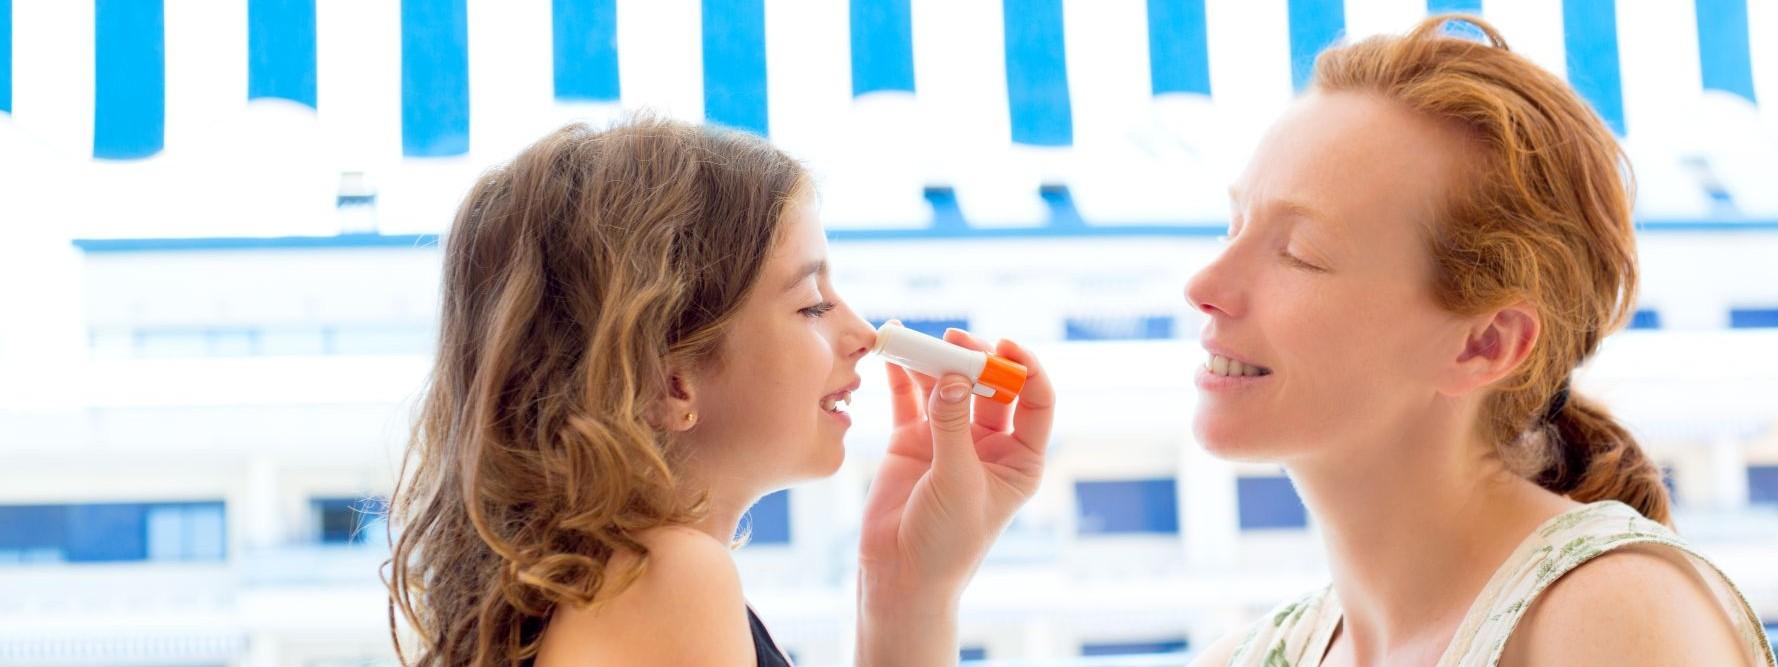 Eine etwa 35 jährige Frau trägt ihrer etwa 6 jährigen Tochter Sonnenschutz im Gesicht auf.